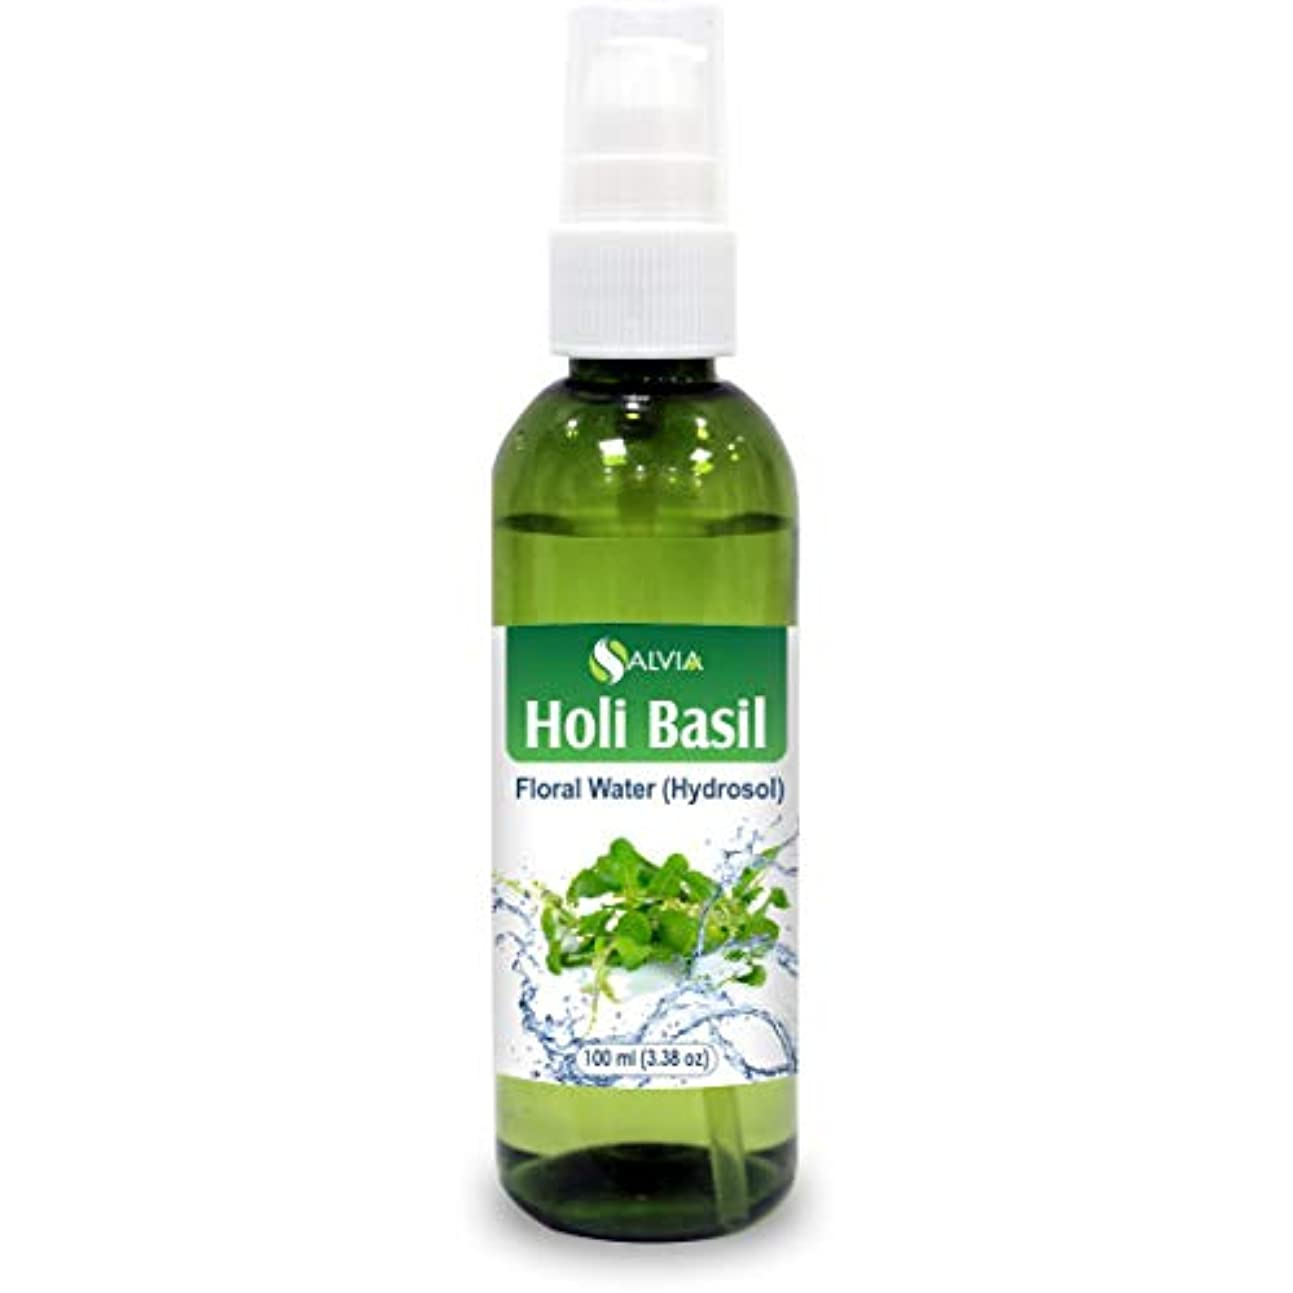 コントローラ逃げるイノセンスHoly Basil (Tulsi) Floral Water 100ml (Hydrosol) 100% Pure And Natural